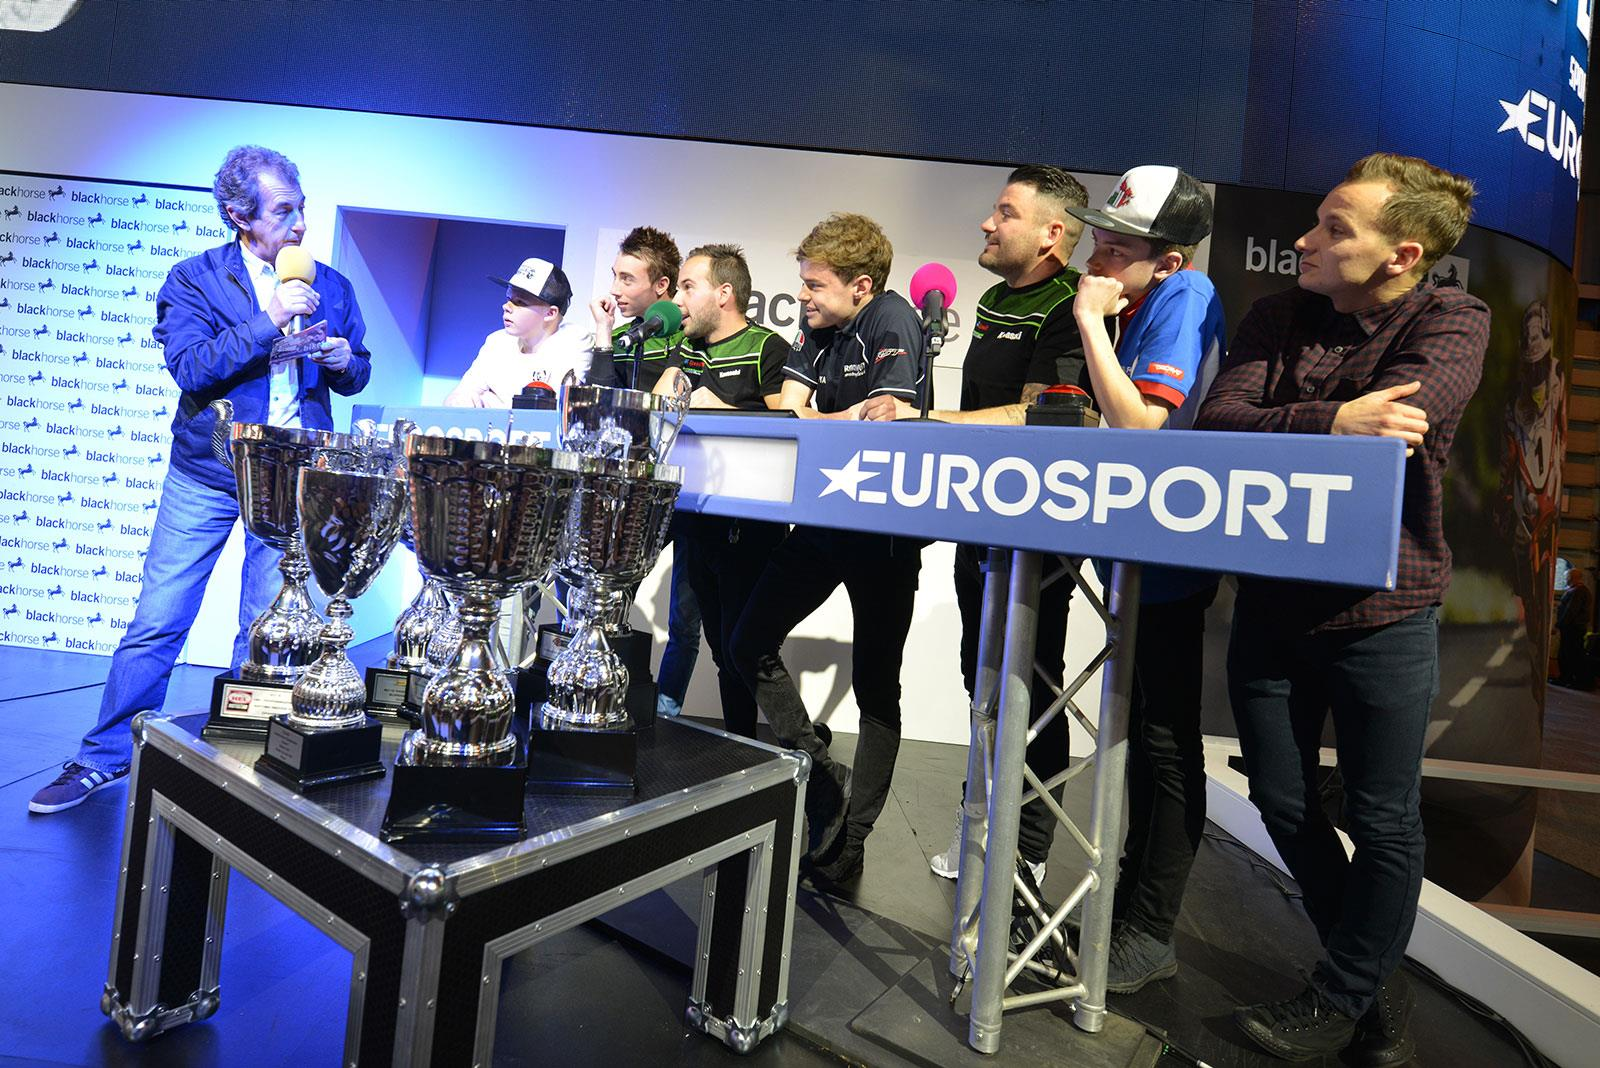 Eurosport entertainment zone